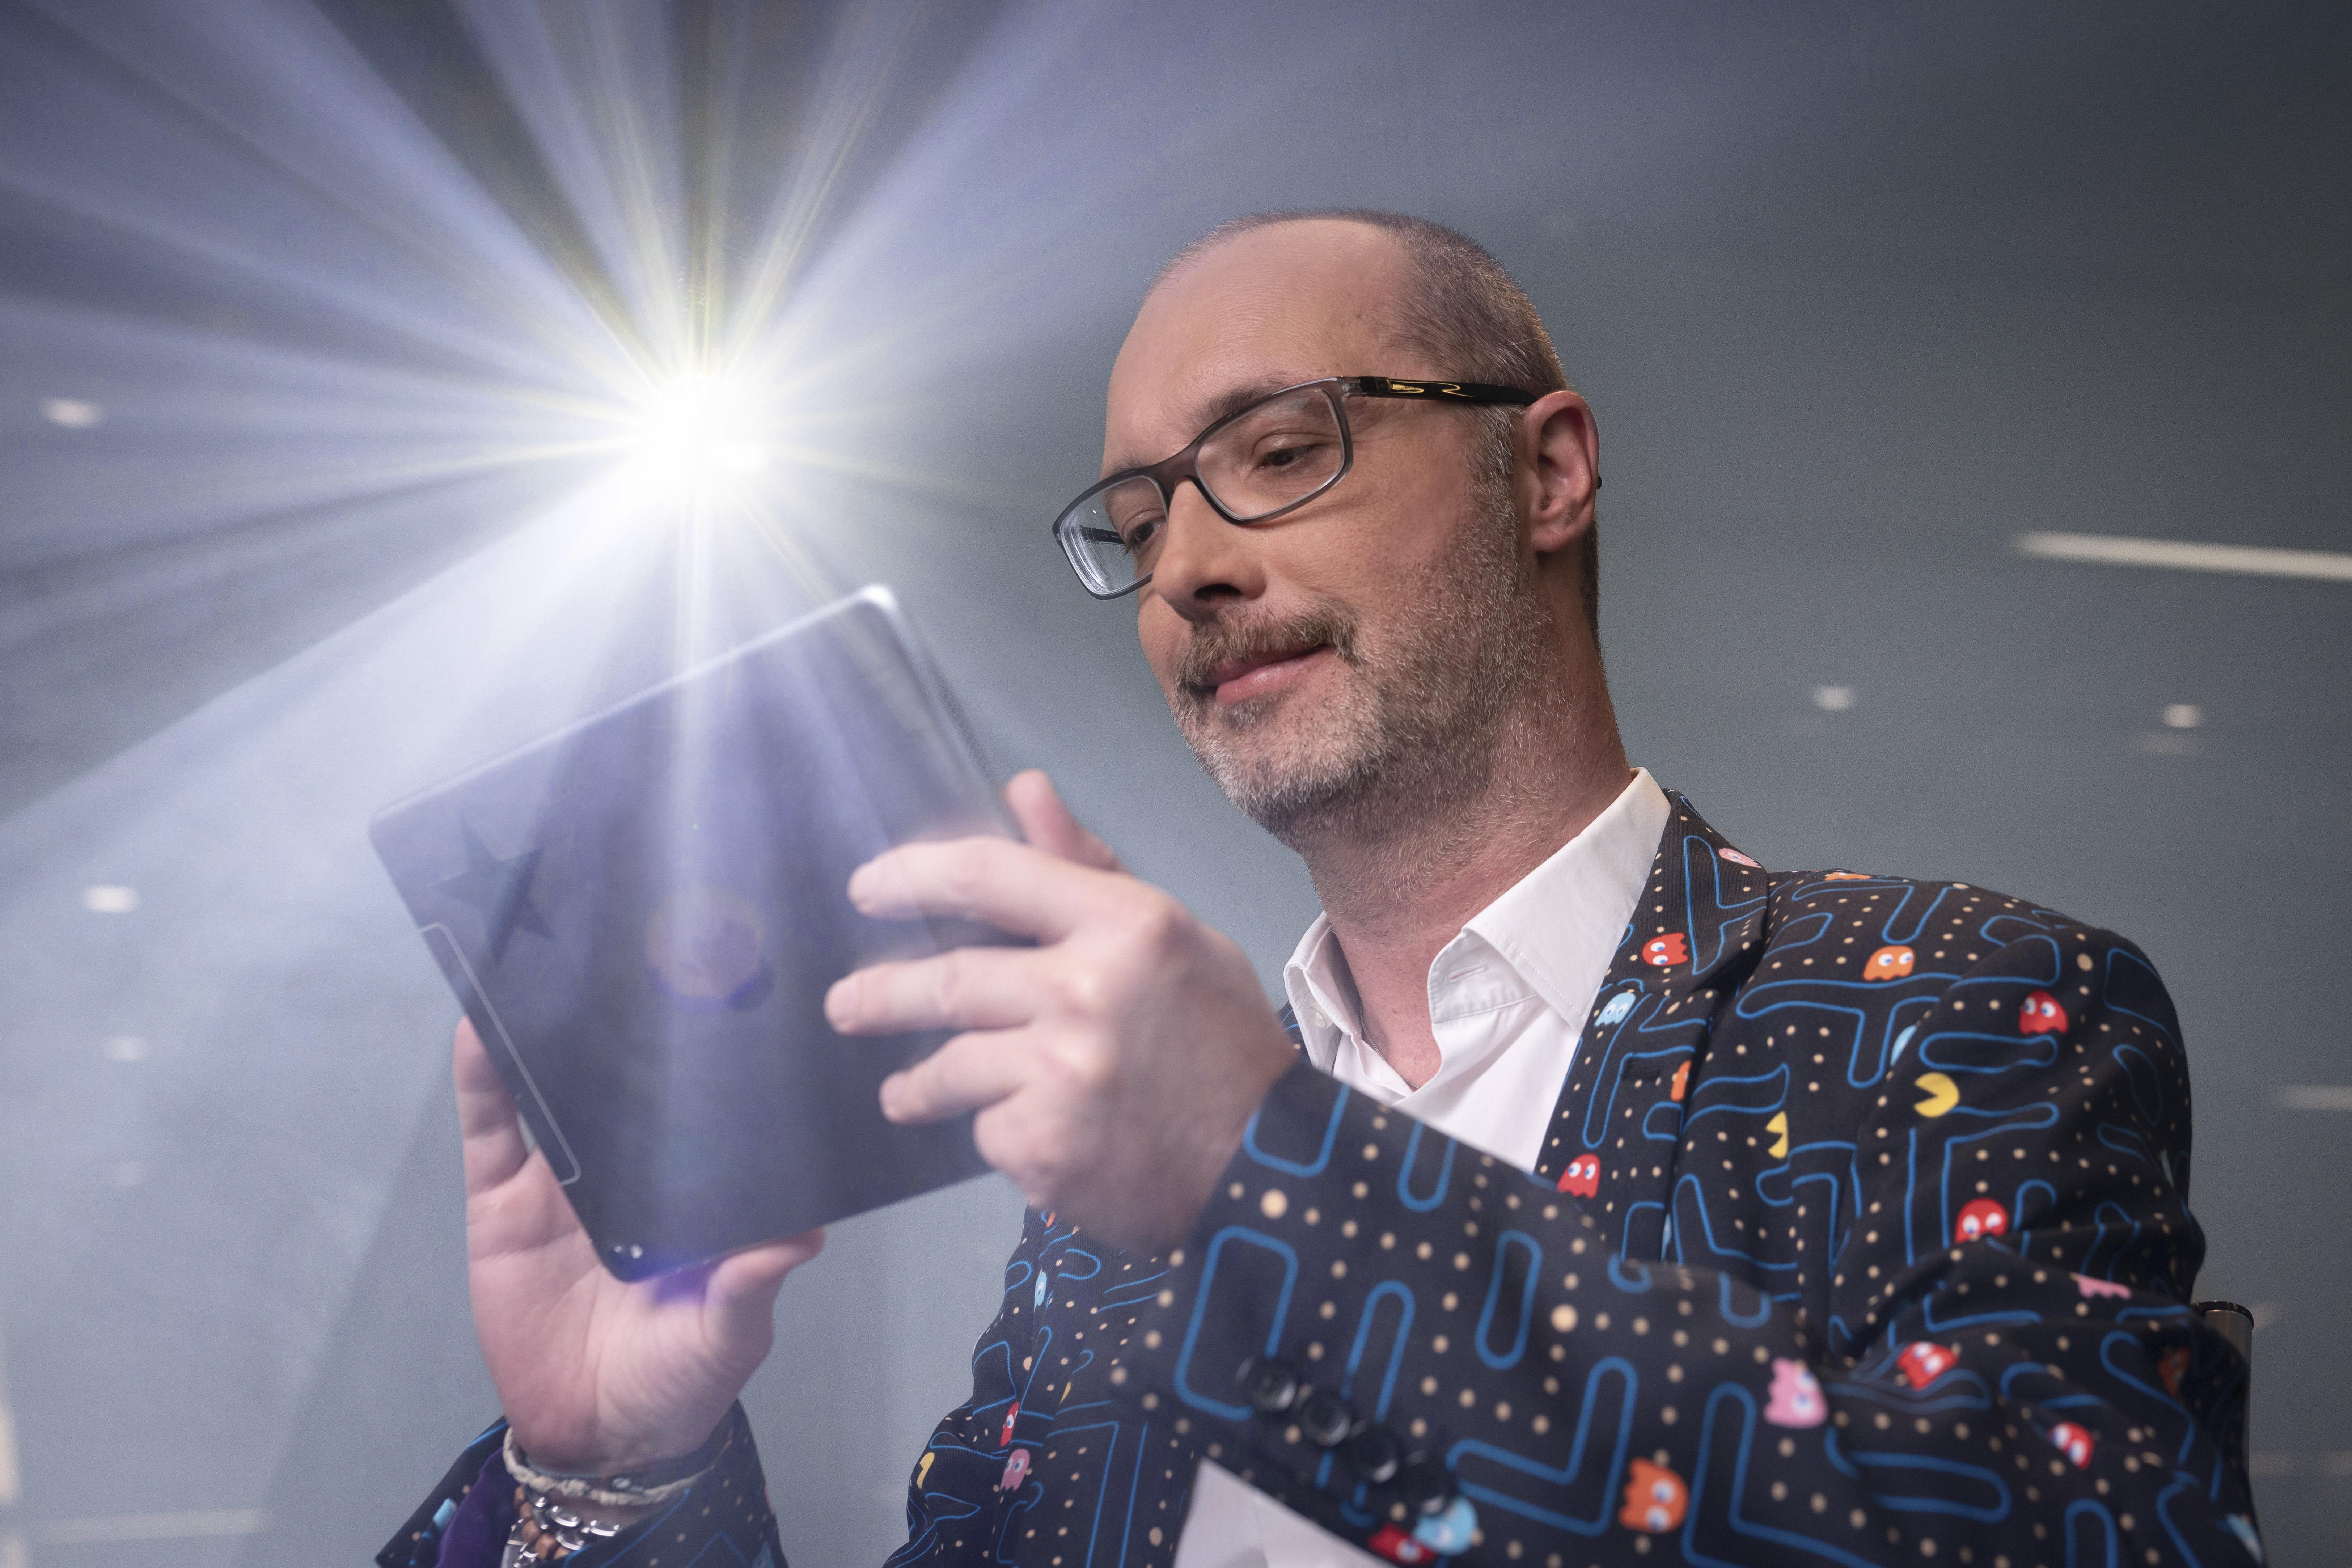 Foto Neumann mit Ipad in der Hand